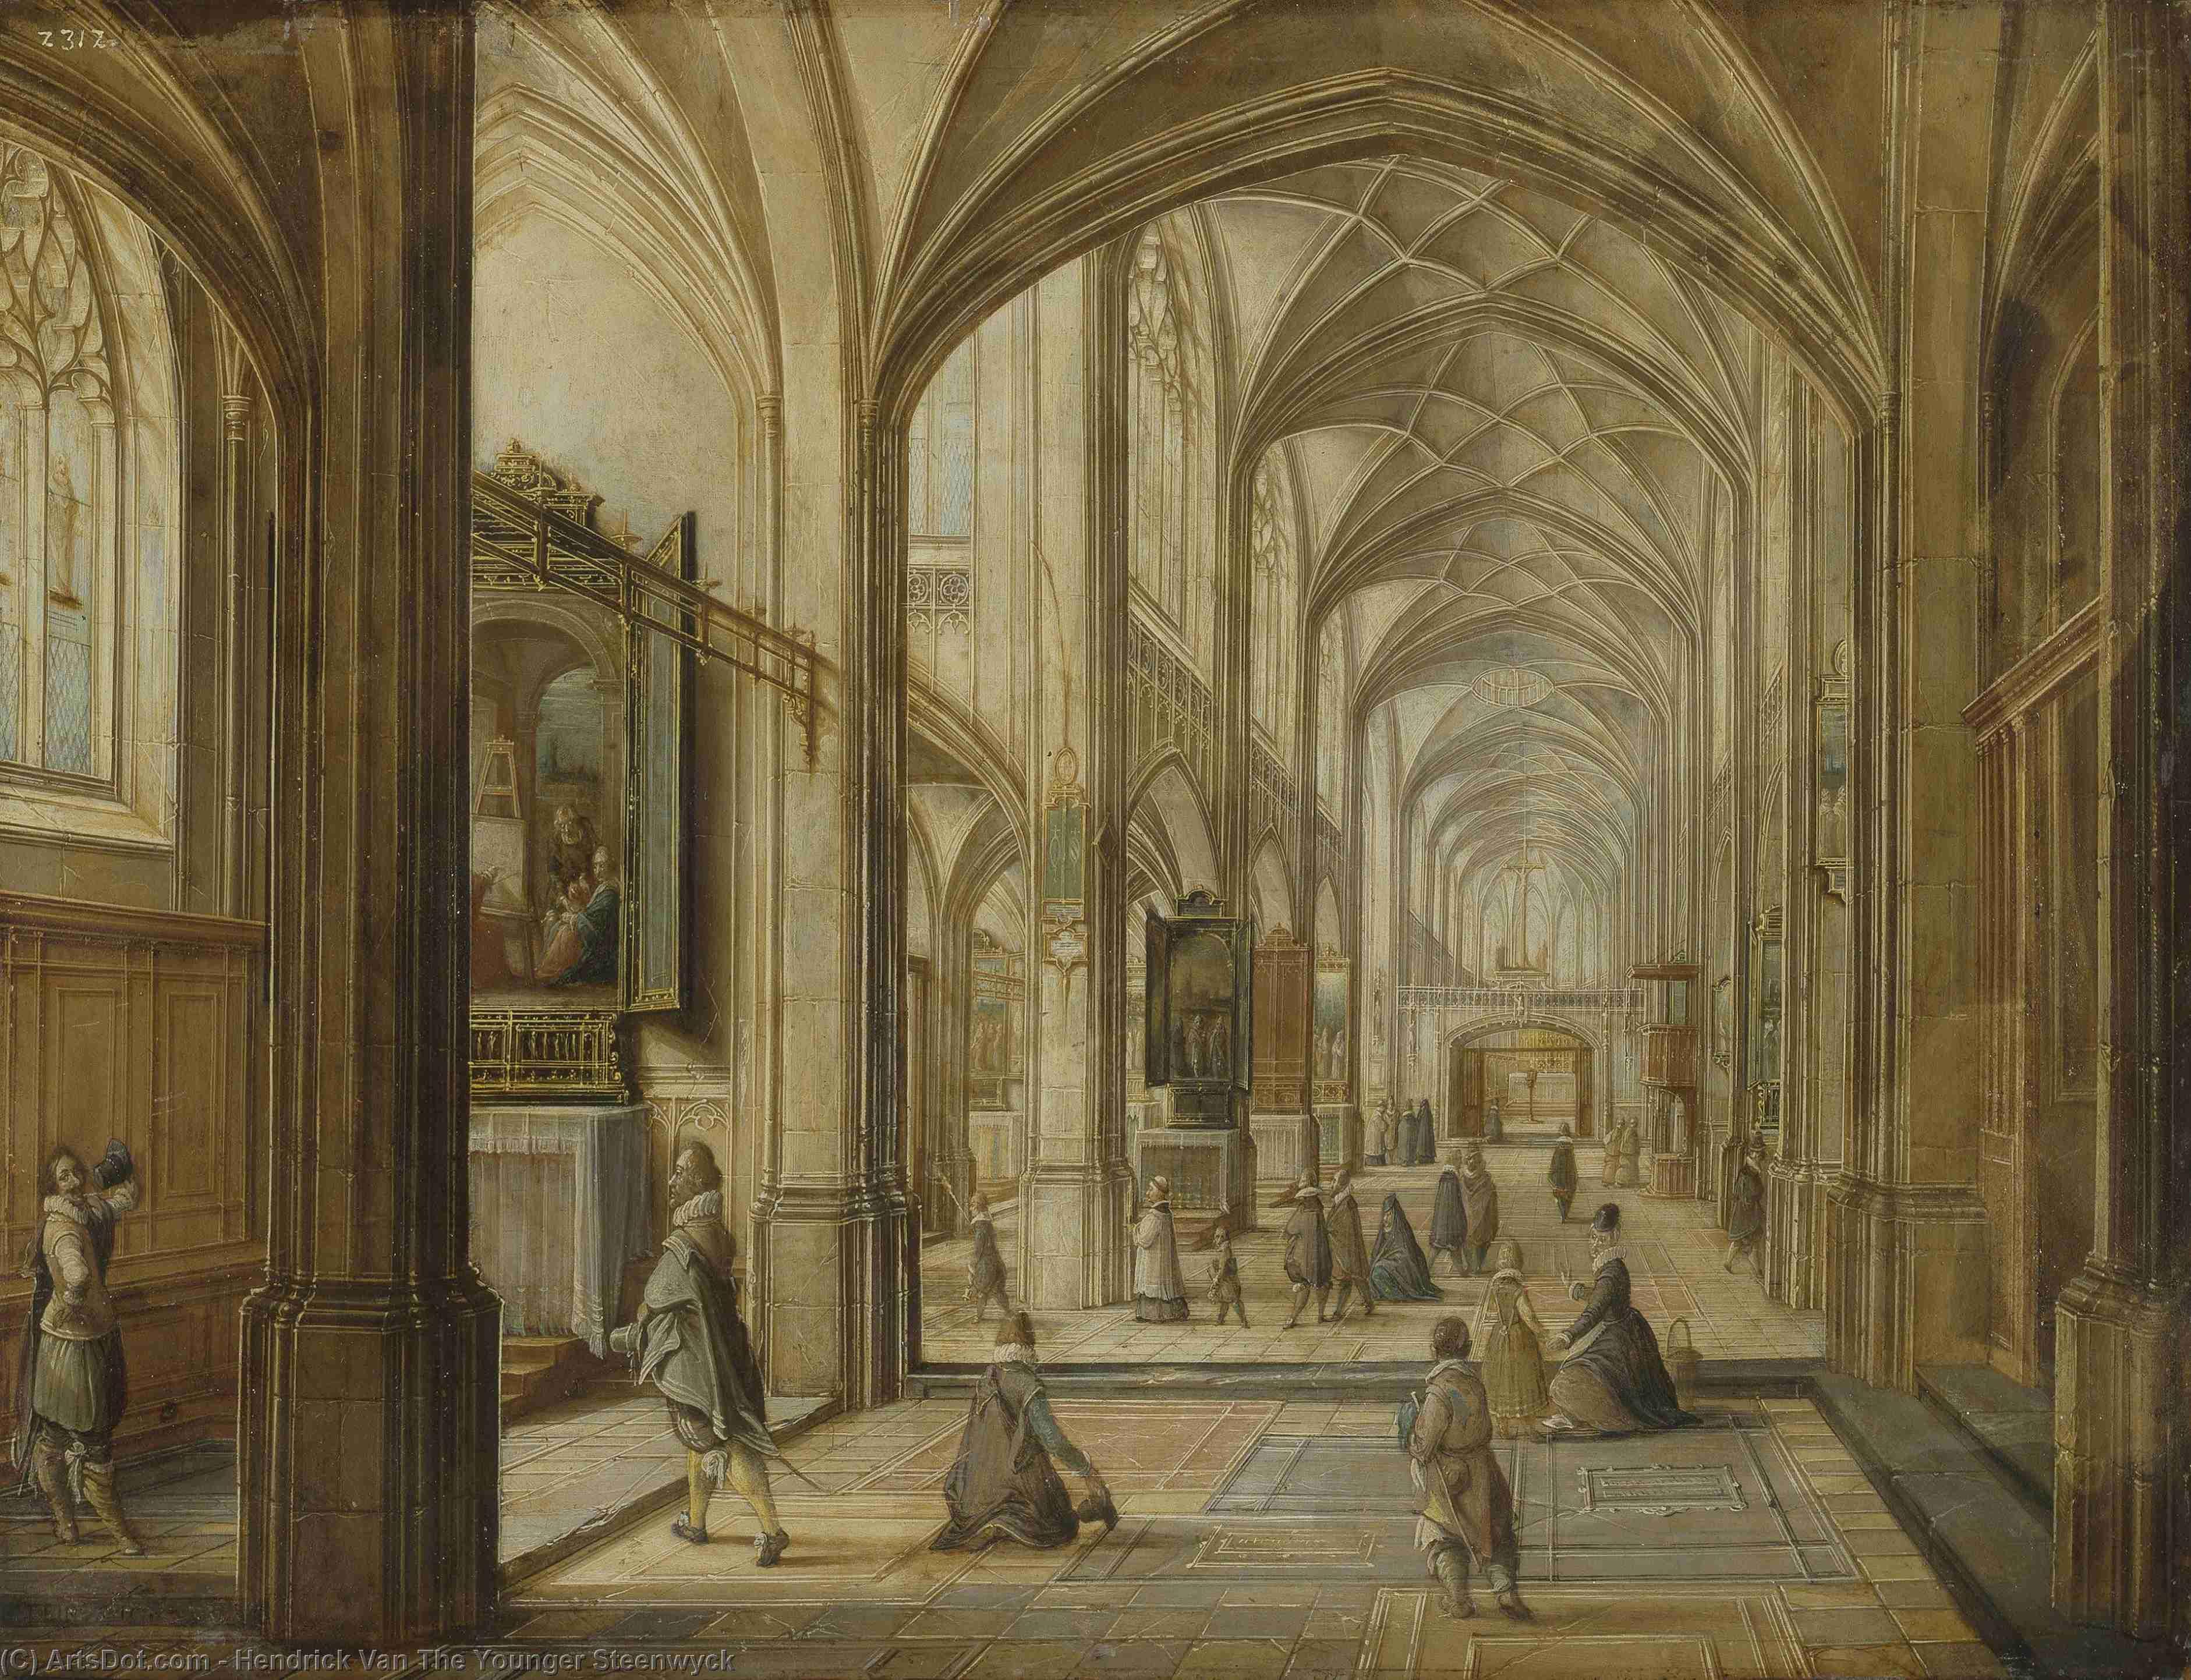 的内部 哥特式 教会 , 铜布油画 通过 hendrick van the younger图片